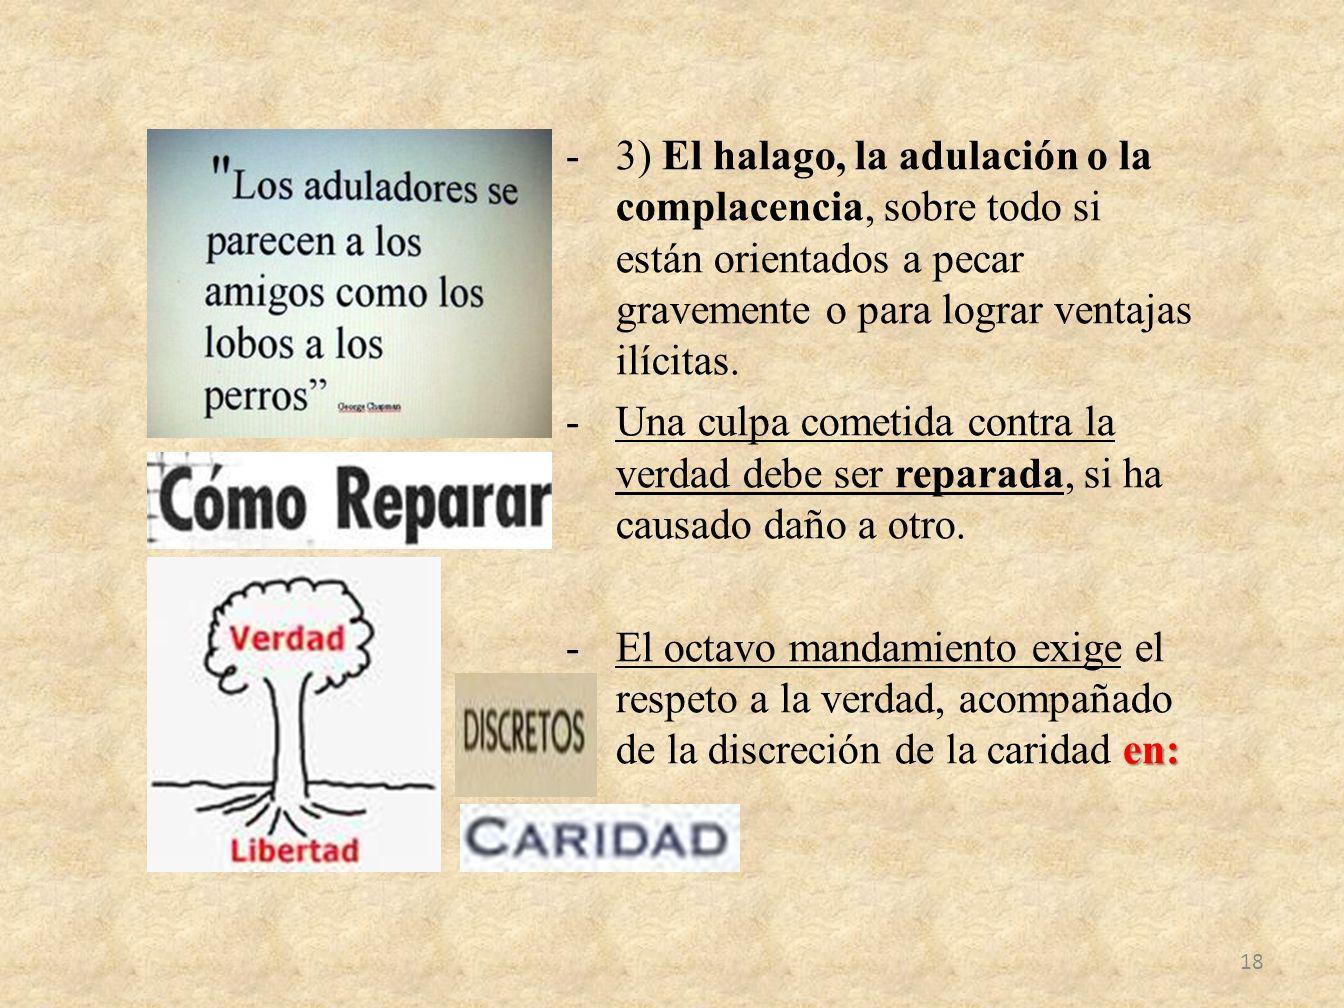 3) El halago, la adulación o la complacencia, sobre todo si están orientados a pecar gravemente o para lograr ventajas ilícitas.